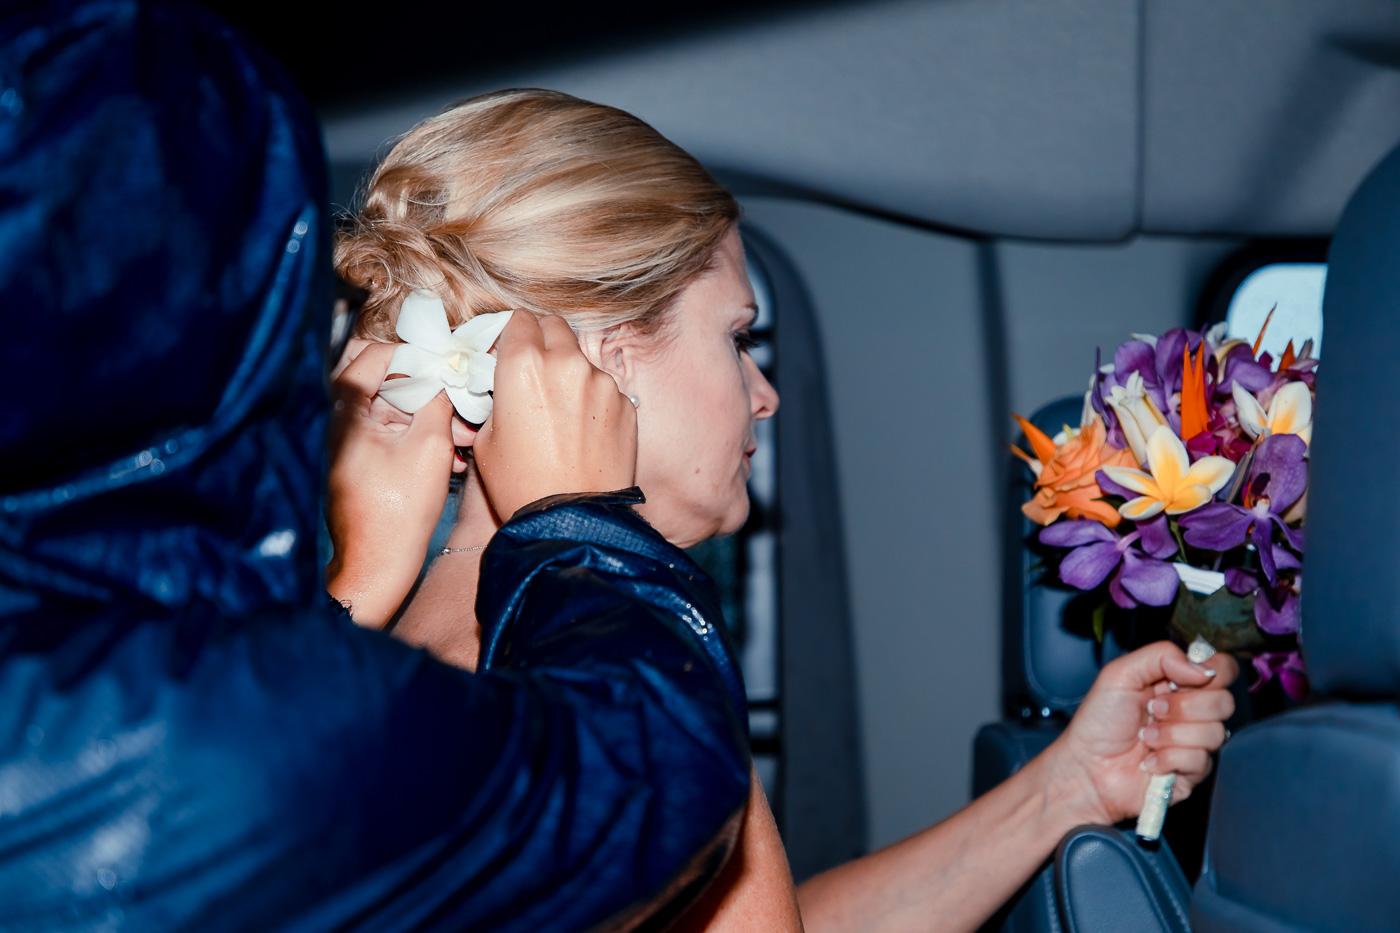 bride getting prepped in van